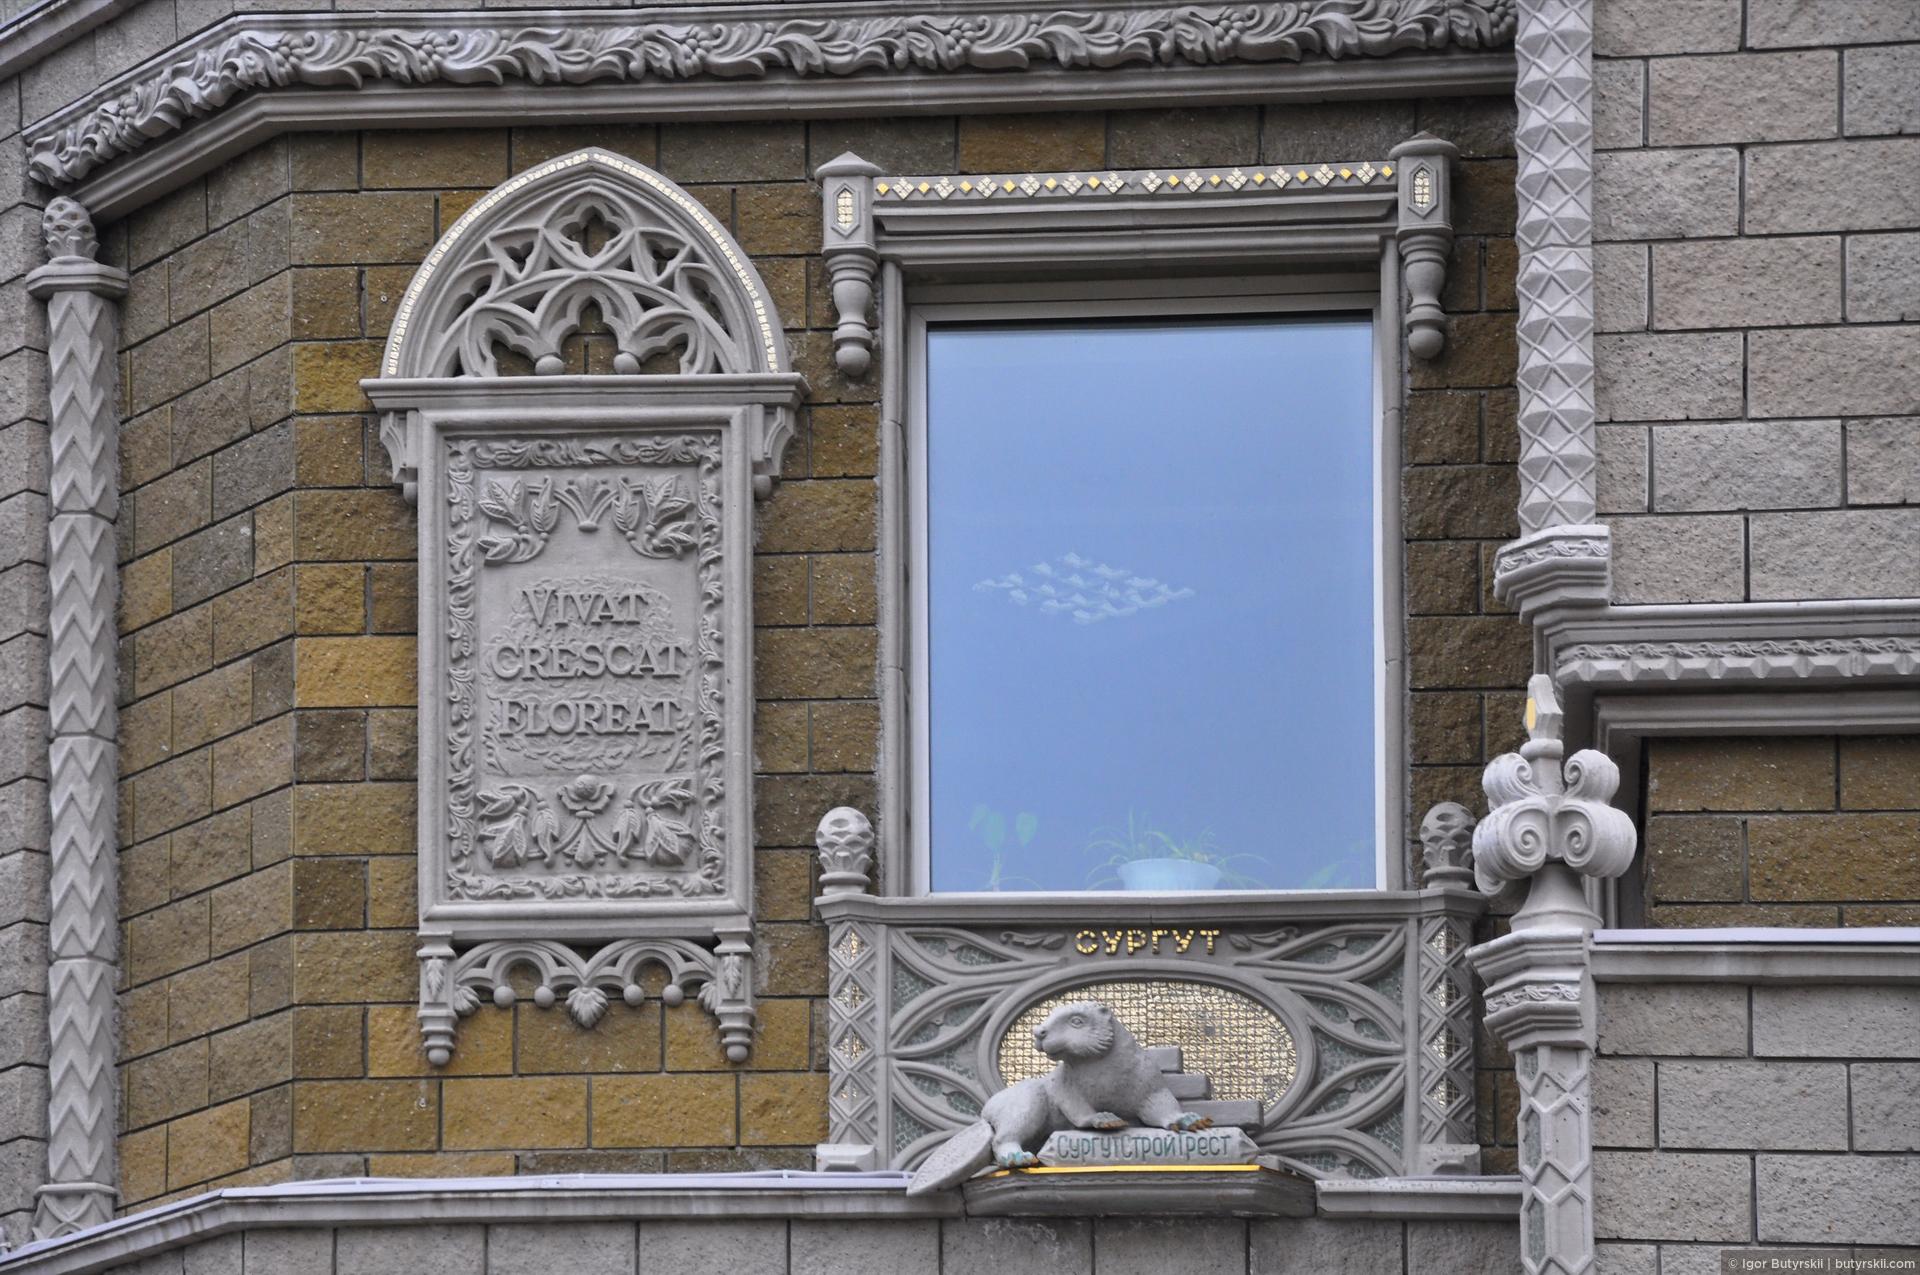 33. Конечно, есть «проблемные элементы» в виде пластиковых окон и кондиционеров, думаю тут столкнулись интересы «строителей» и «архитекторов». Но в общей архитектурной массе городе это здание выделяется., Сургут